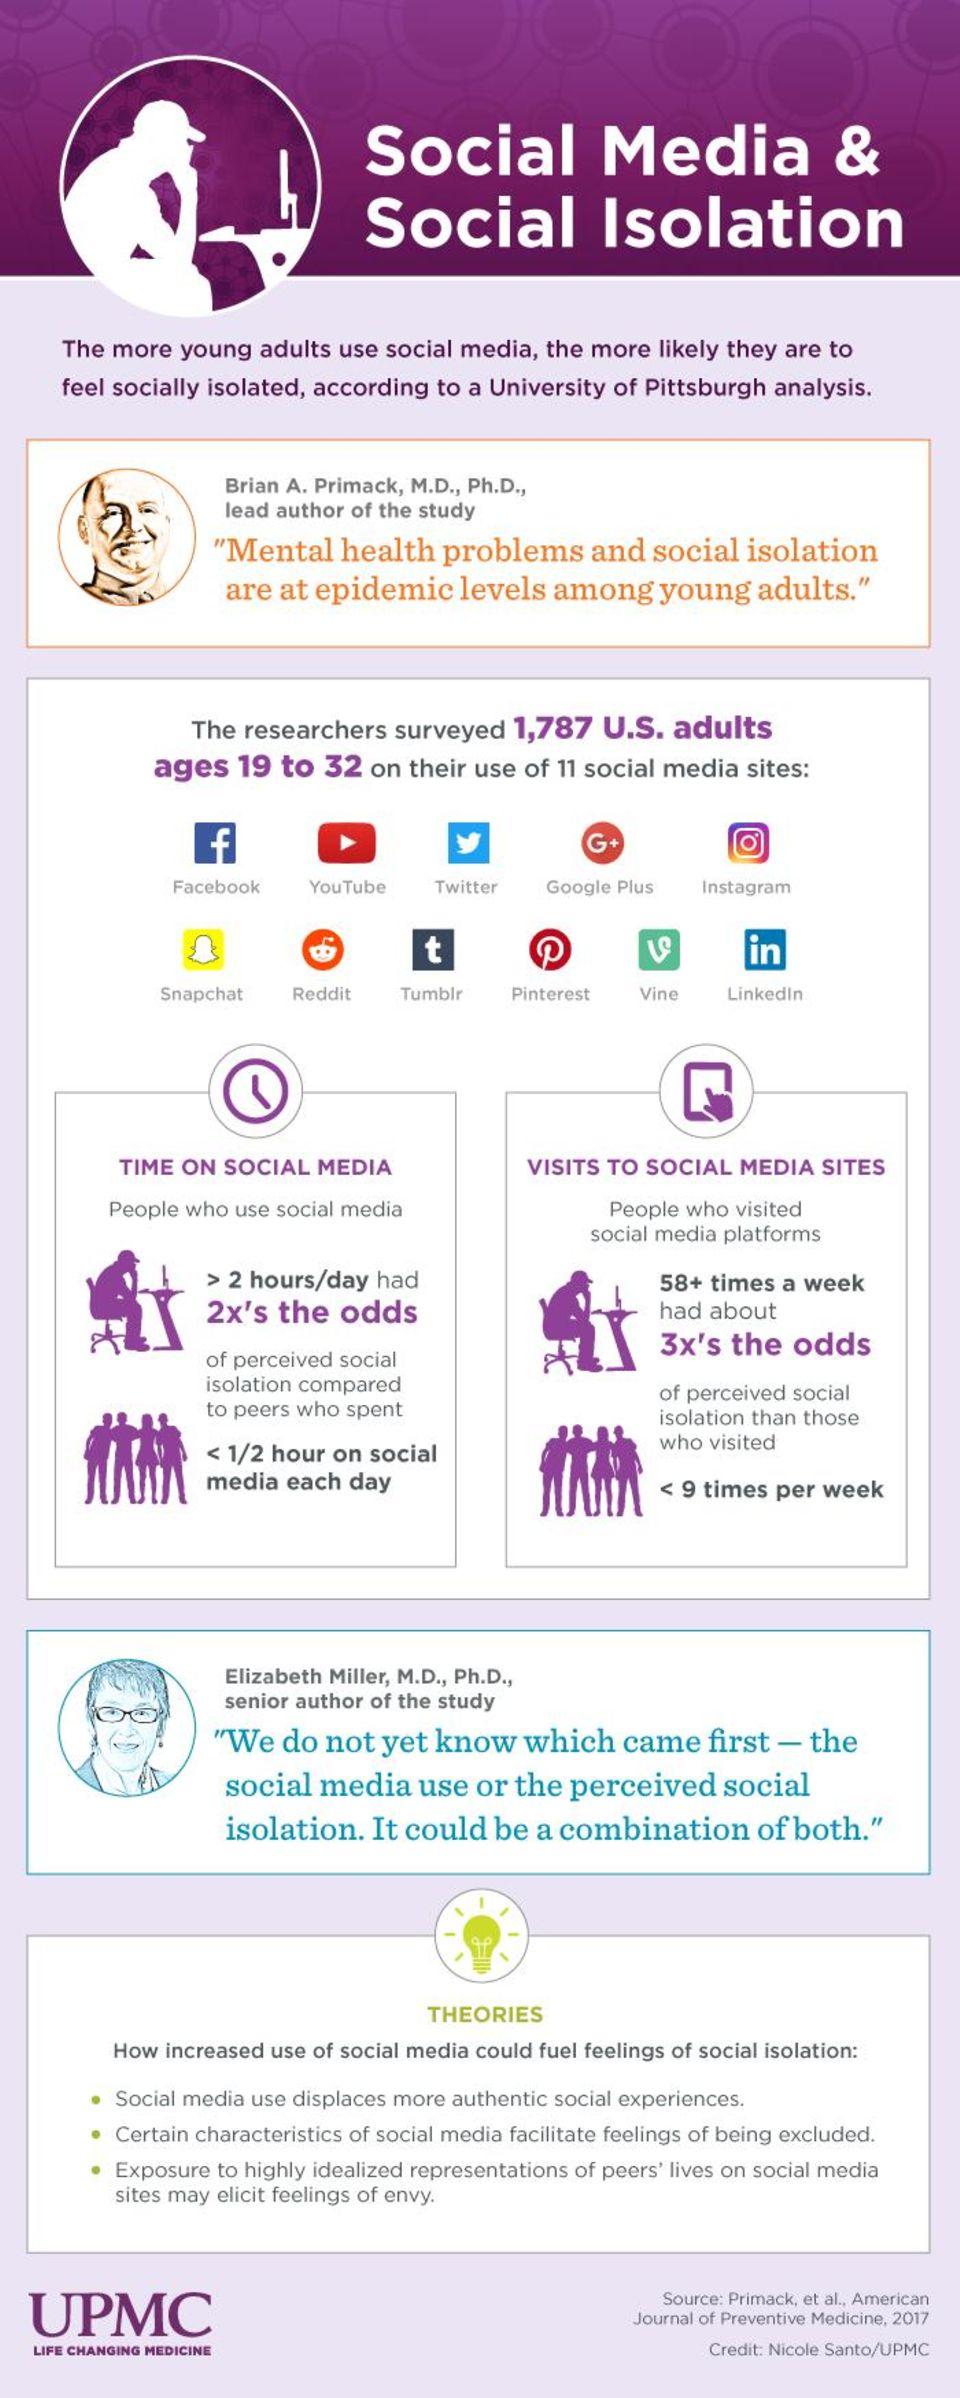 Eine Infografik fasst zentrale Ergebnisse der Studie zusammen.